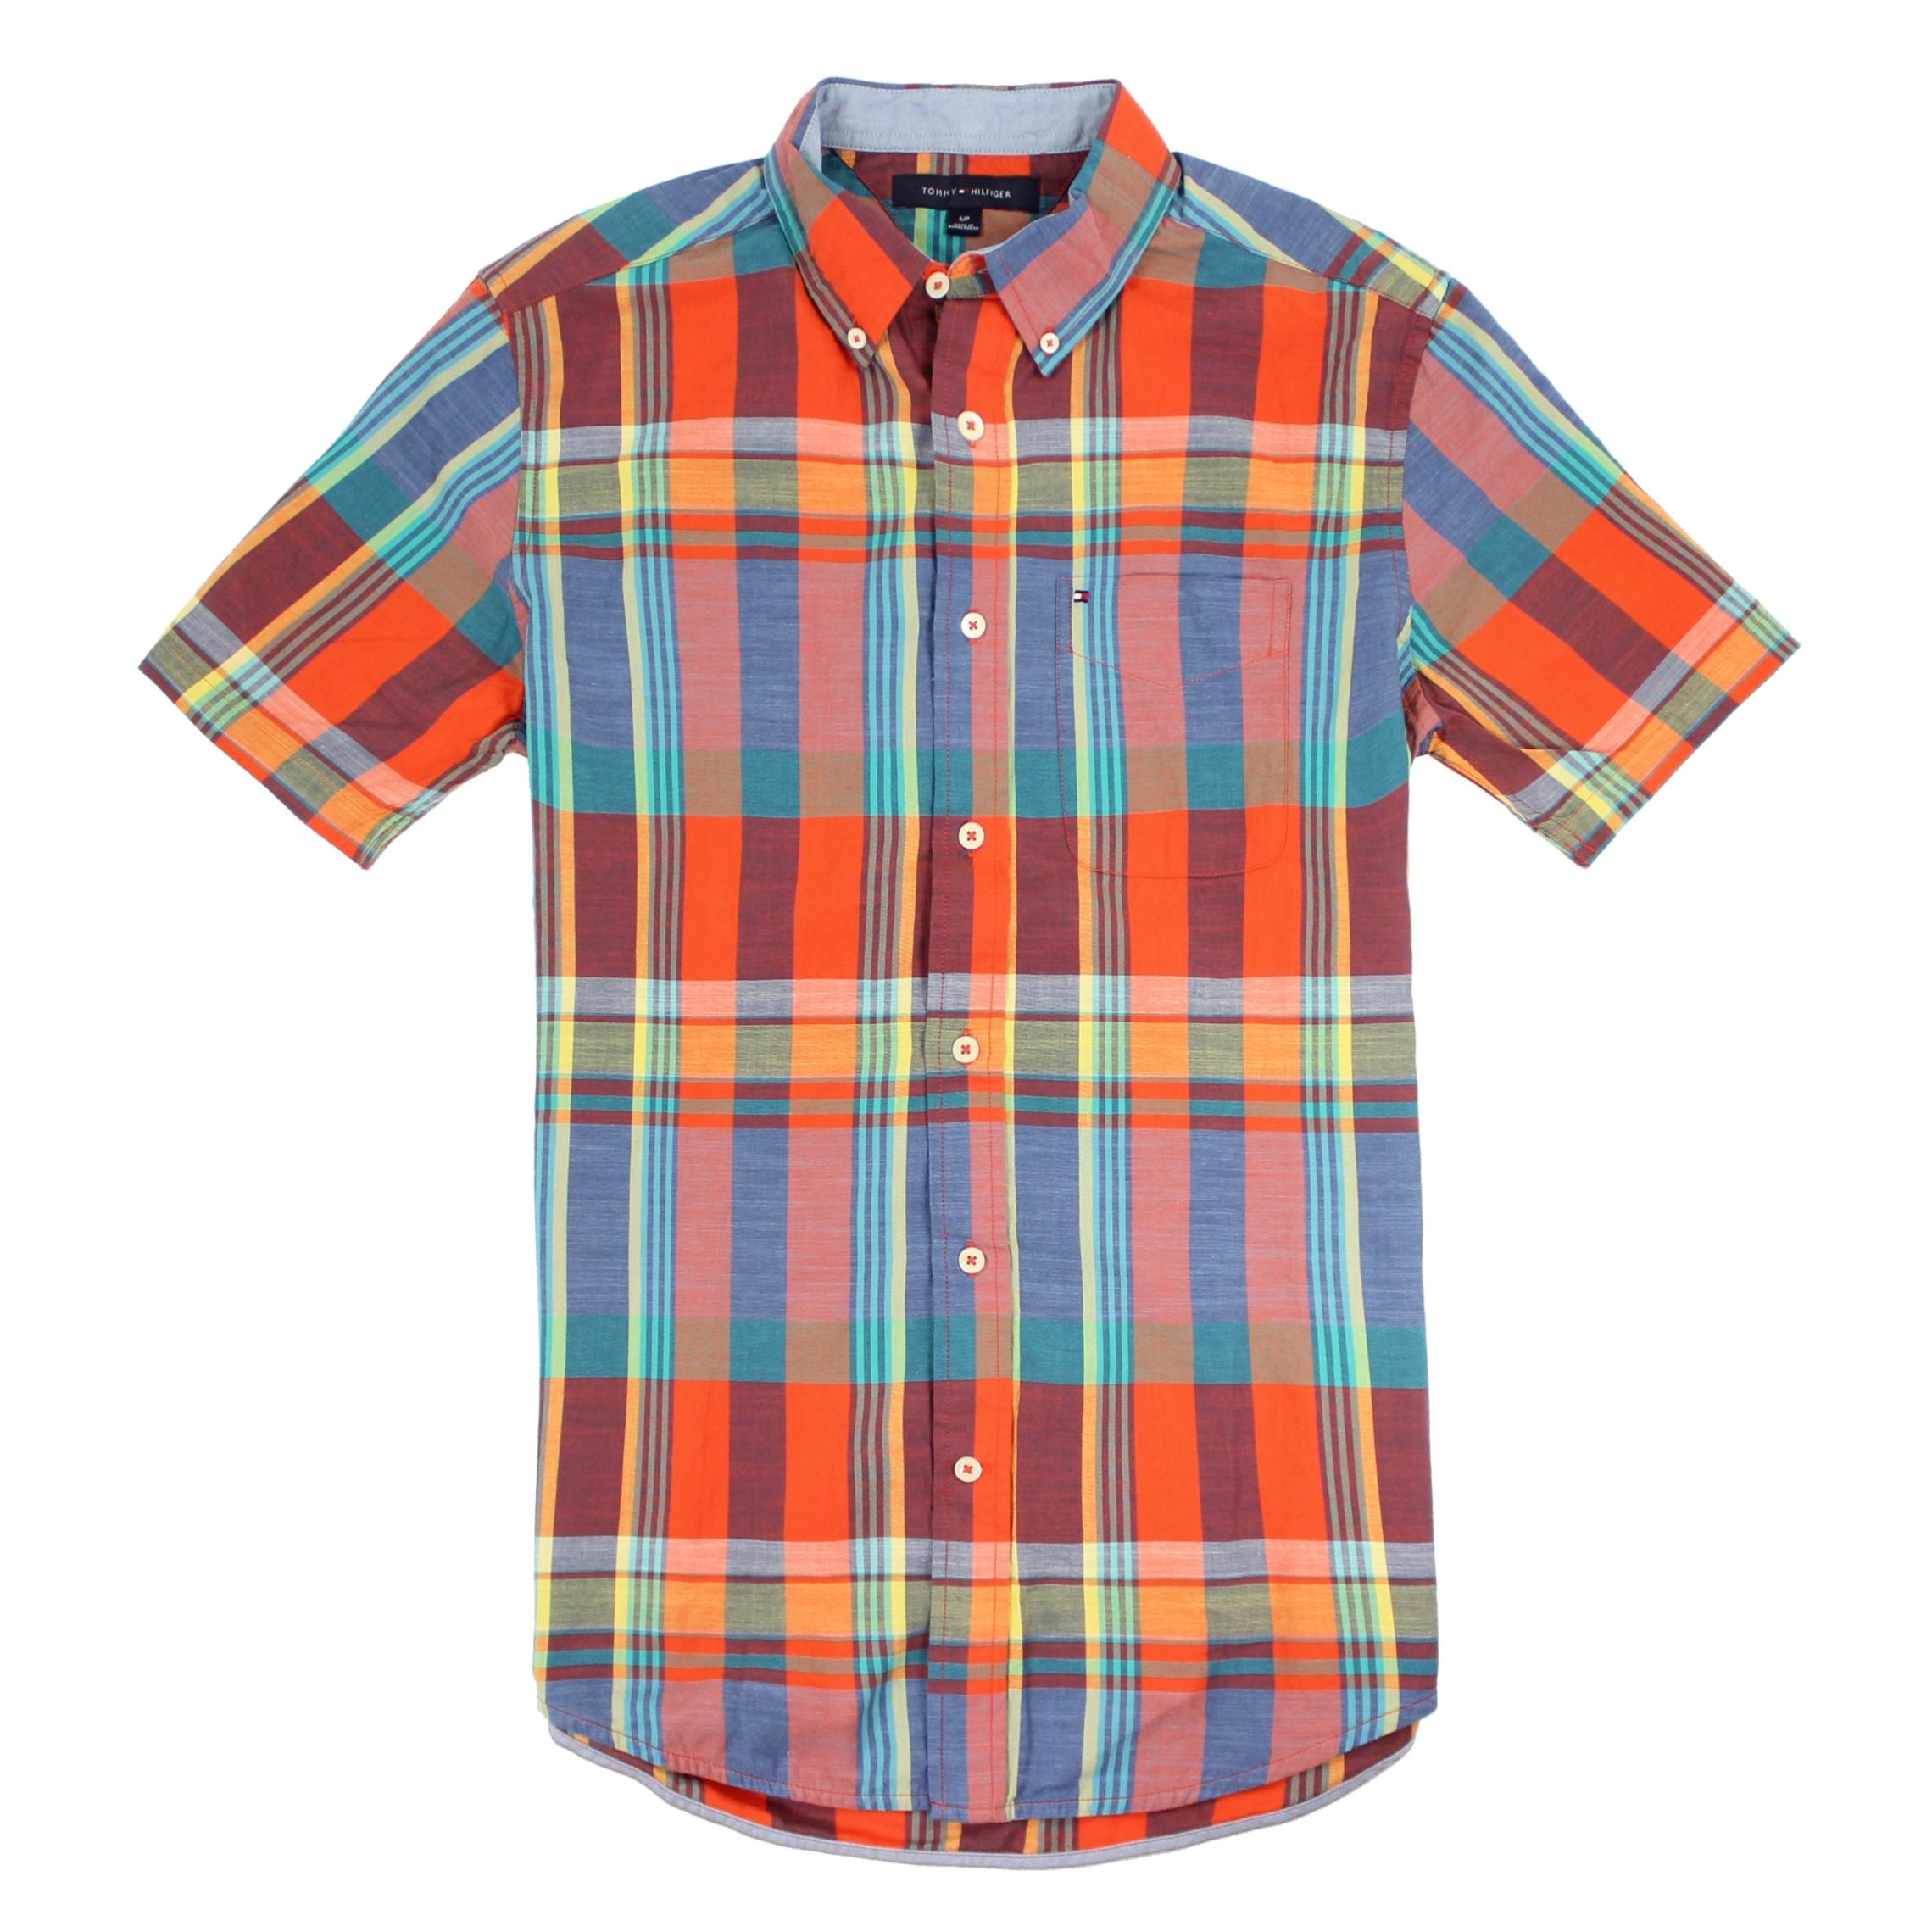 美國百分百【全新真品】Tommy Hilfiger TH 男 襯衫 短袖 上衣 休閒 口袋 橘藍色 格紋 S號 E139